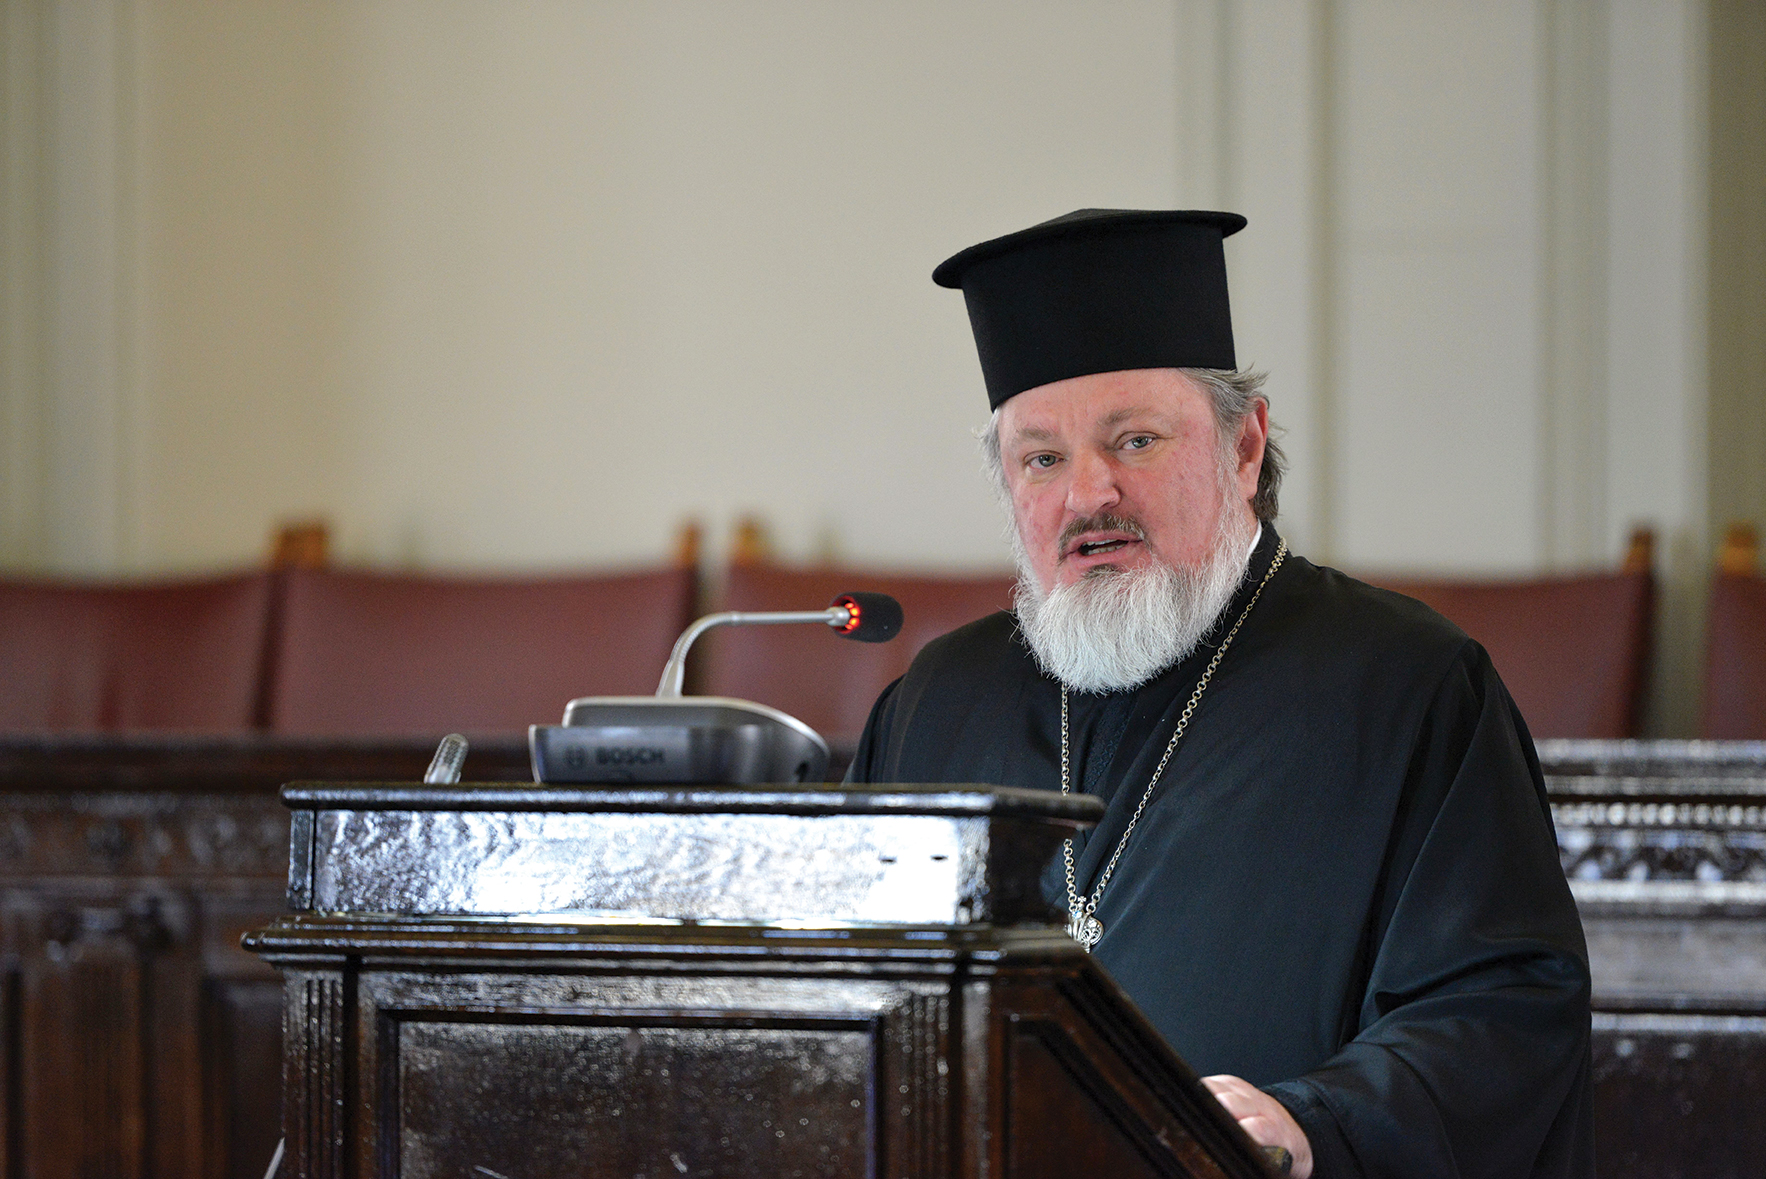 Activităţi ale slujitorilor Bisericii pentru Unirea Principatelor Române